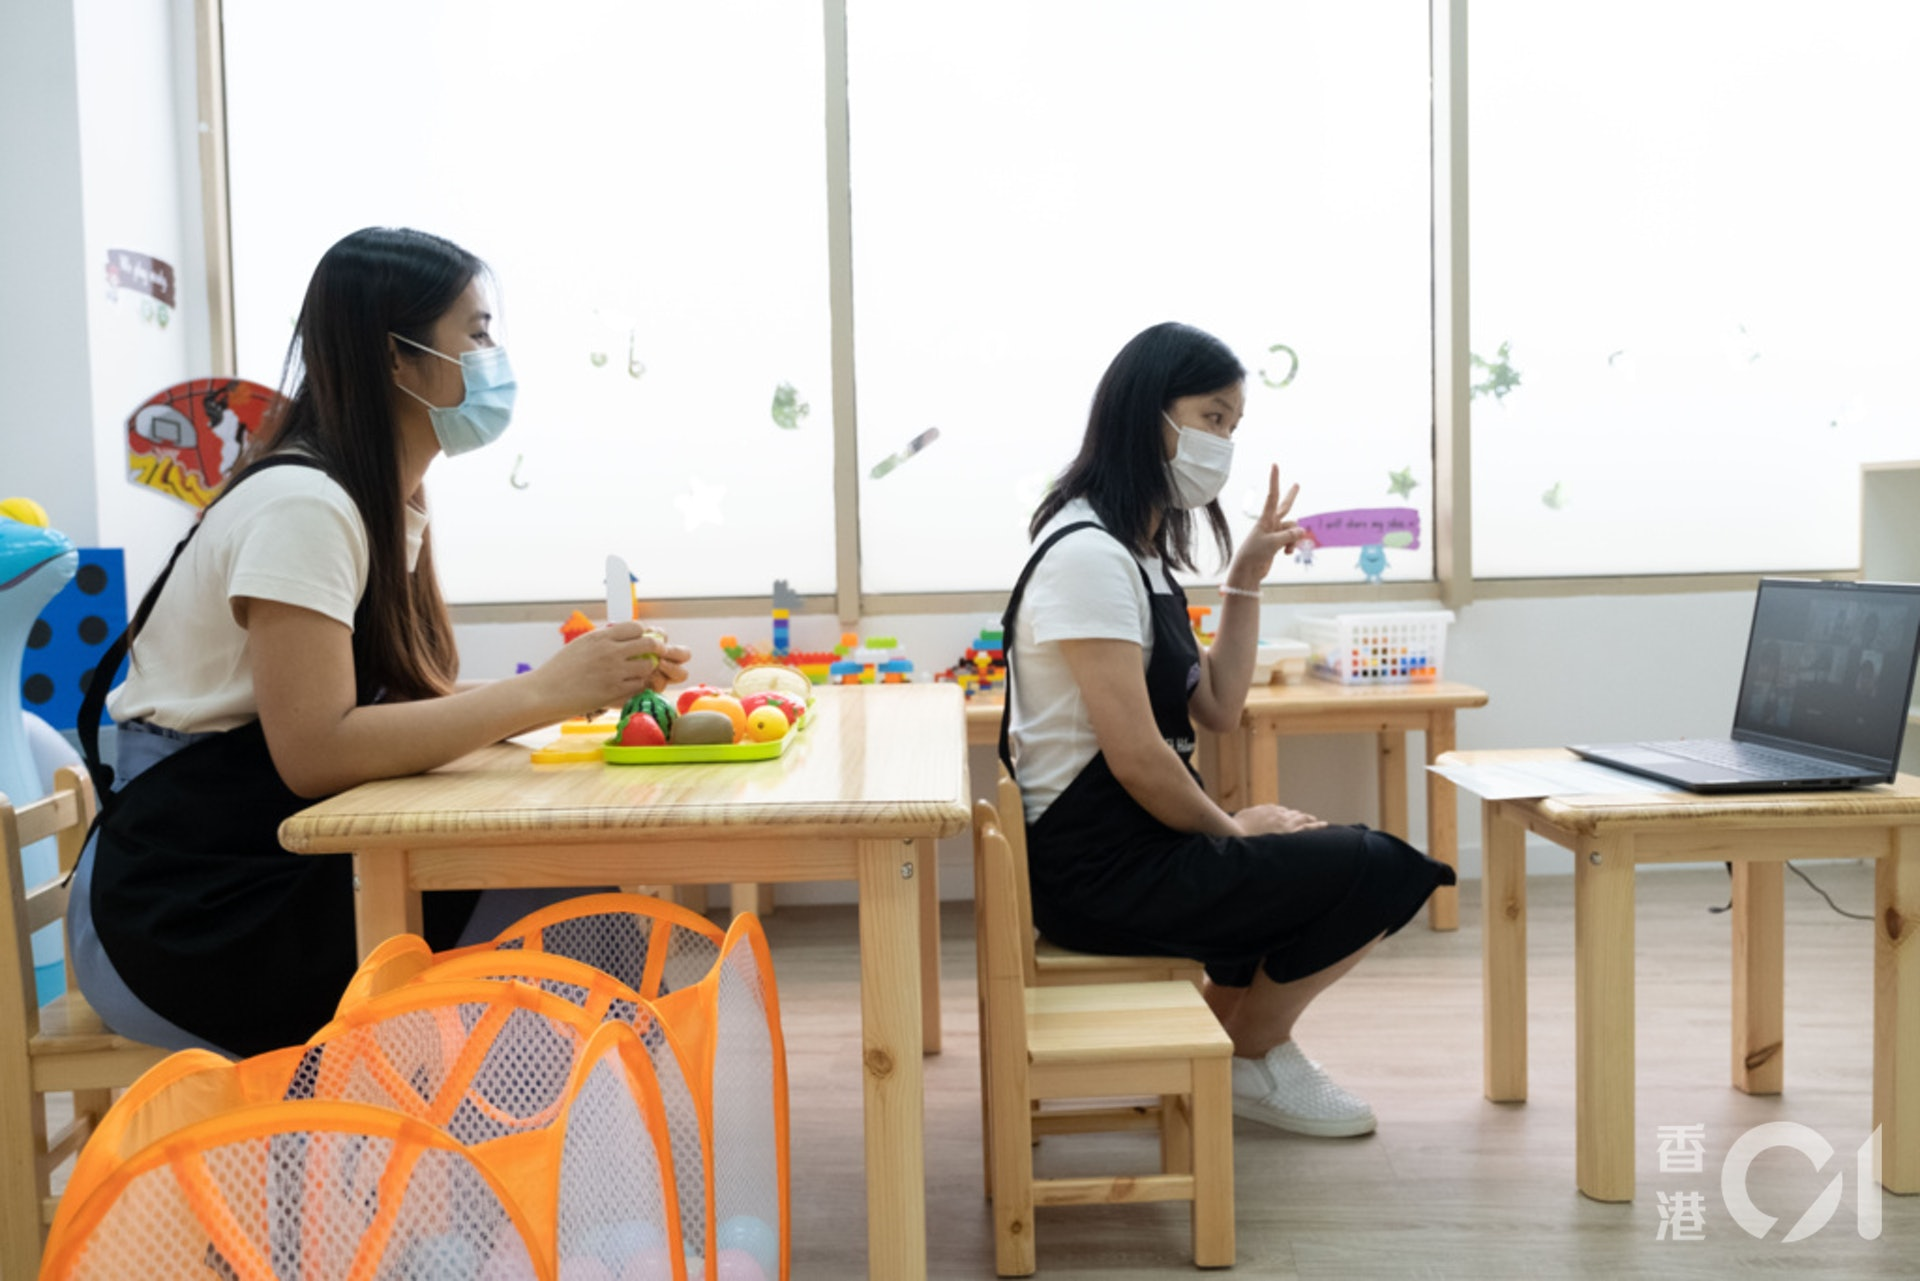 德萃幼稚園周五是德育課、生日會、服裝派對或口語訓練等。(盧翊銘攝)